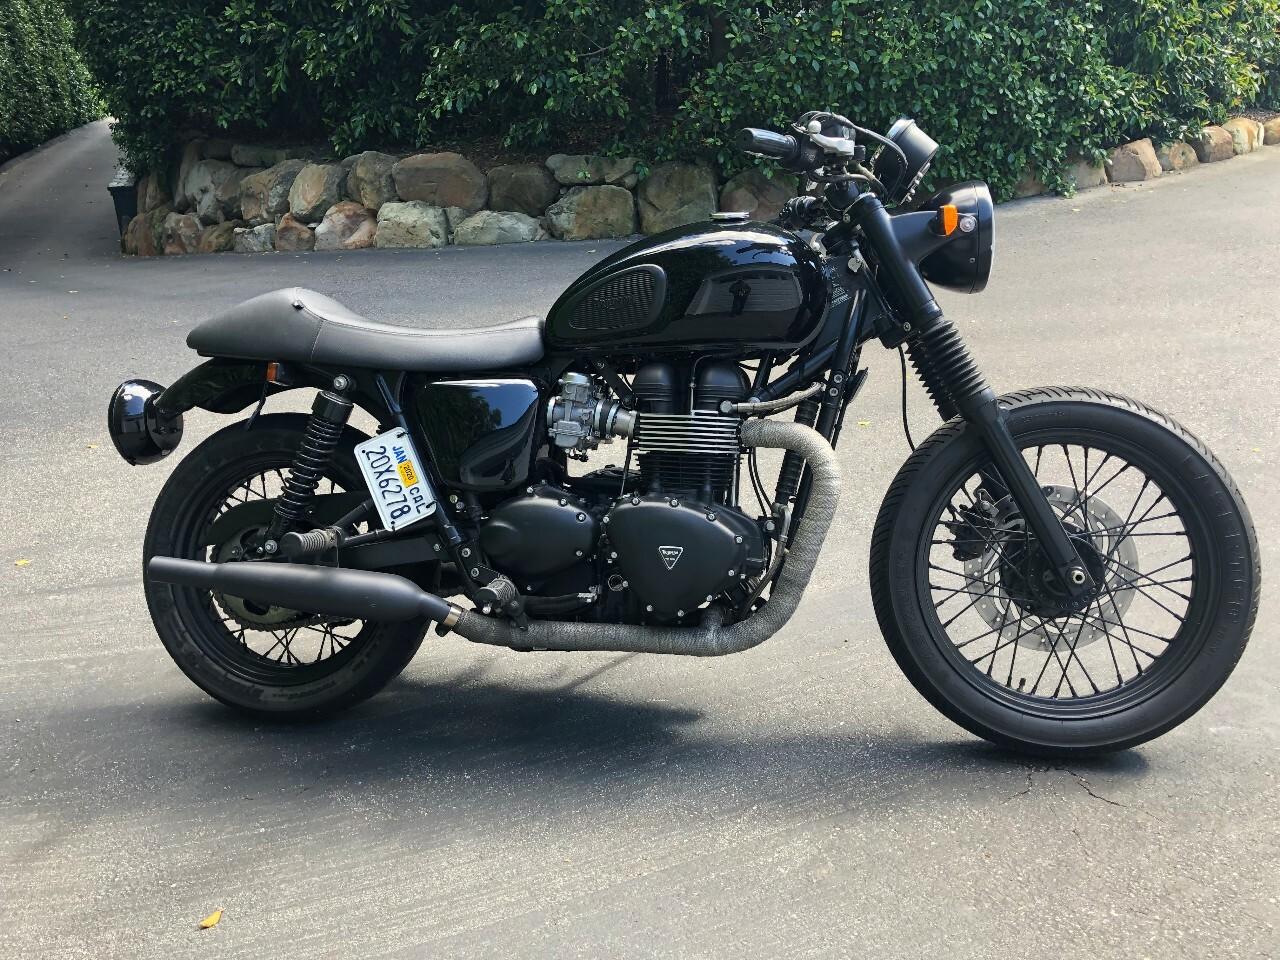 Triumph For Sale - Triumph Classic / Vintage Motorcycles